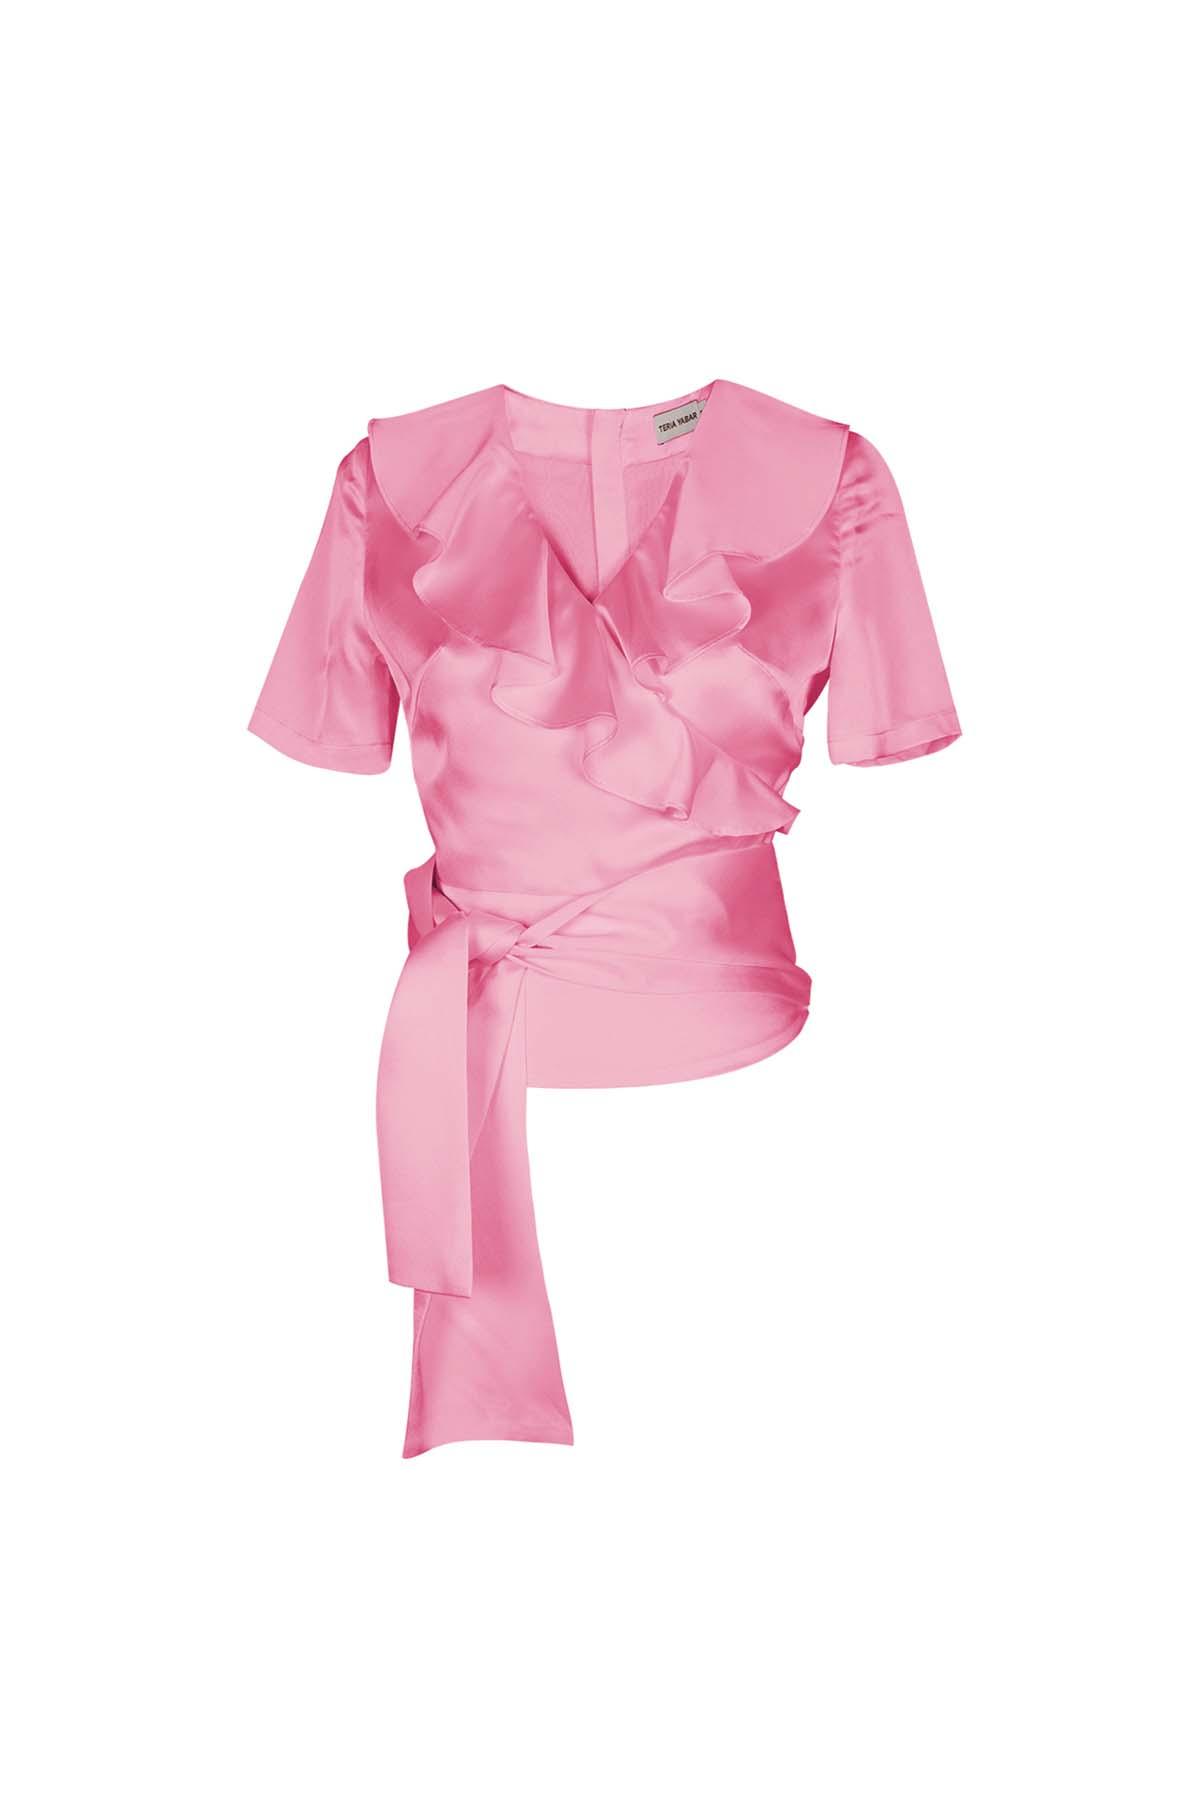 Teria Yabar - Top rosa de escote cruzado